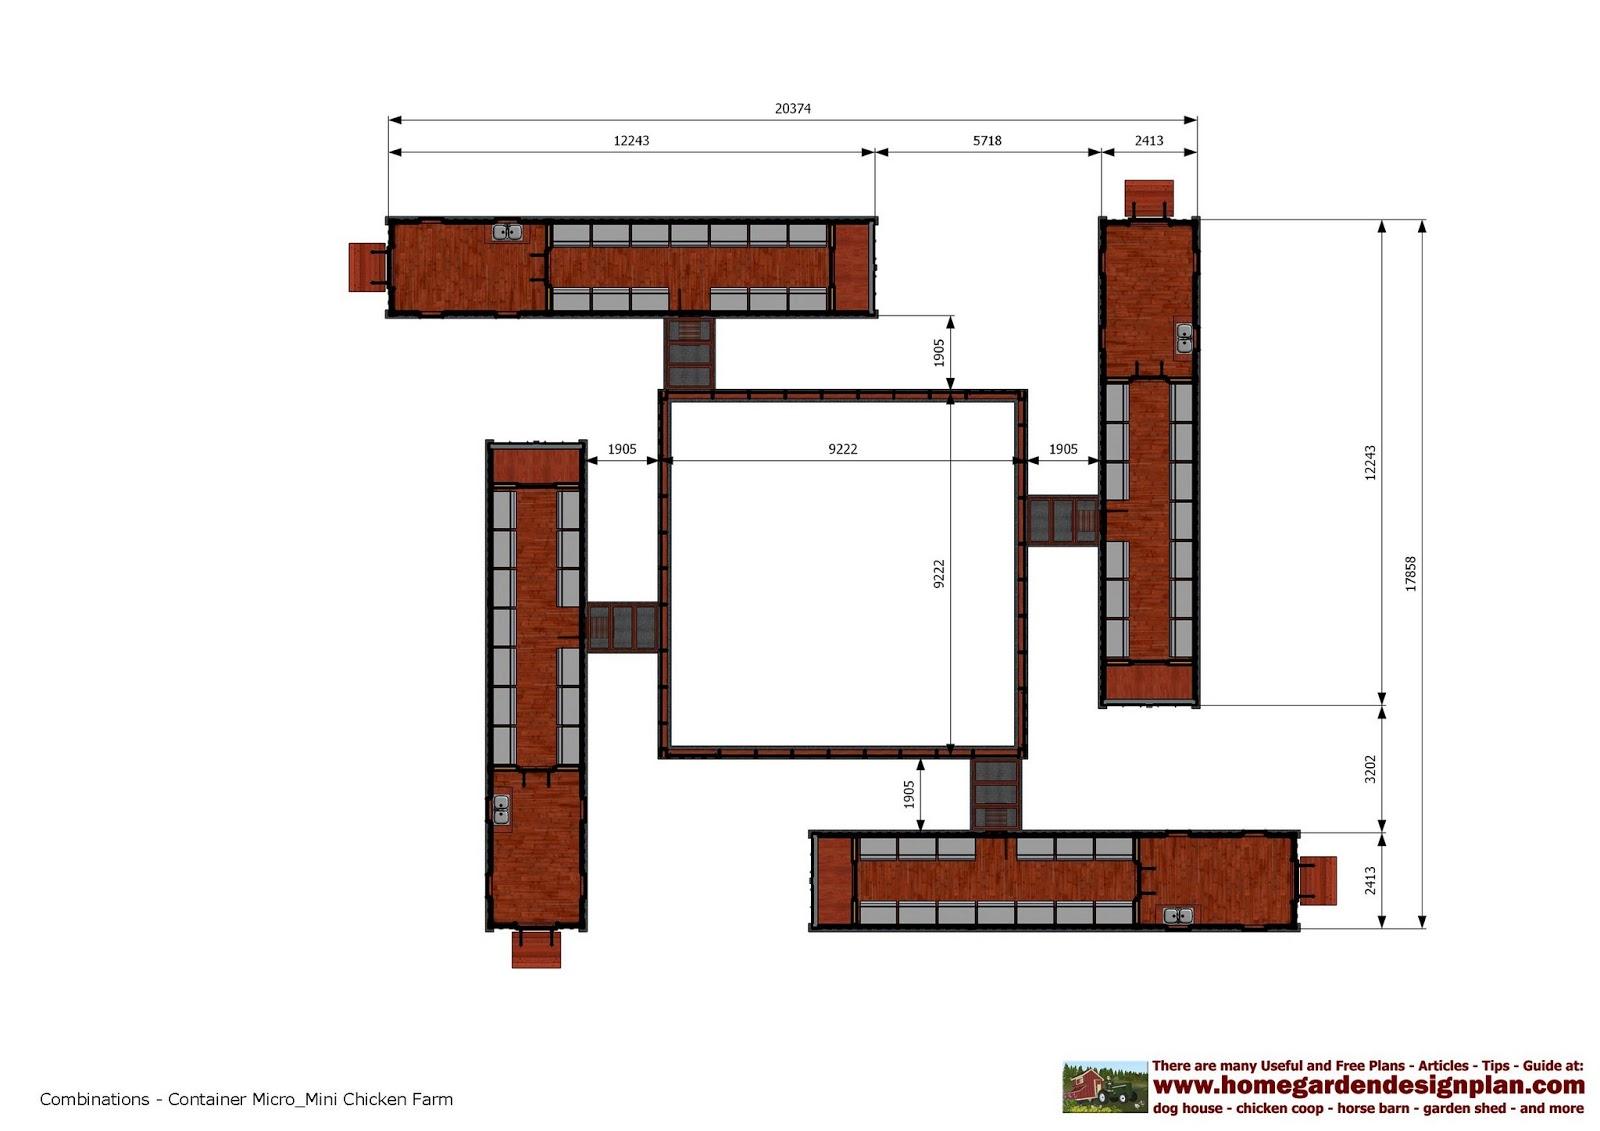 Home garden plans cn200 1 40 feet container chicken farm for Farm plan